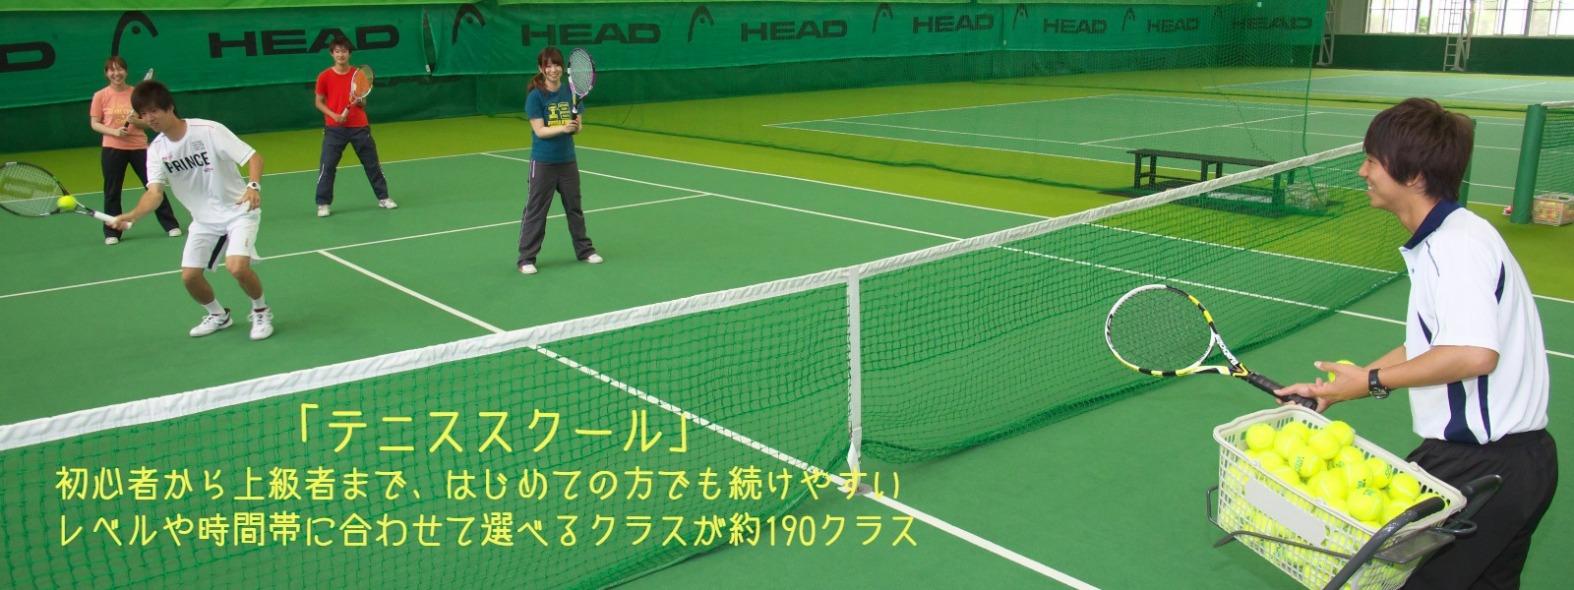 昭和の森テニススクール(東京都昭島市)